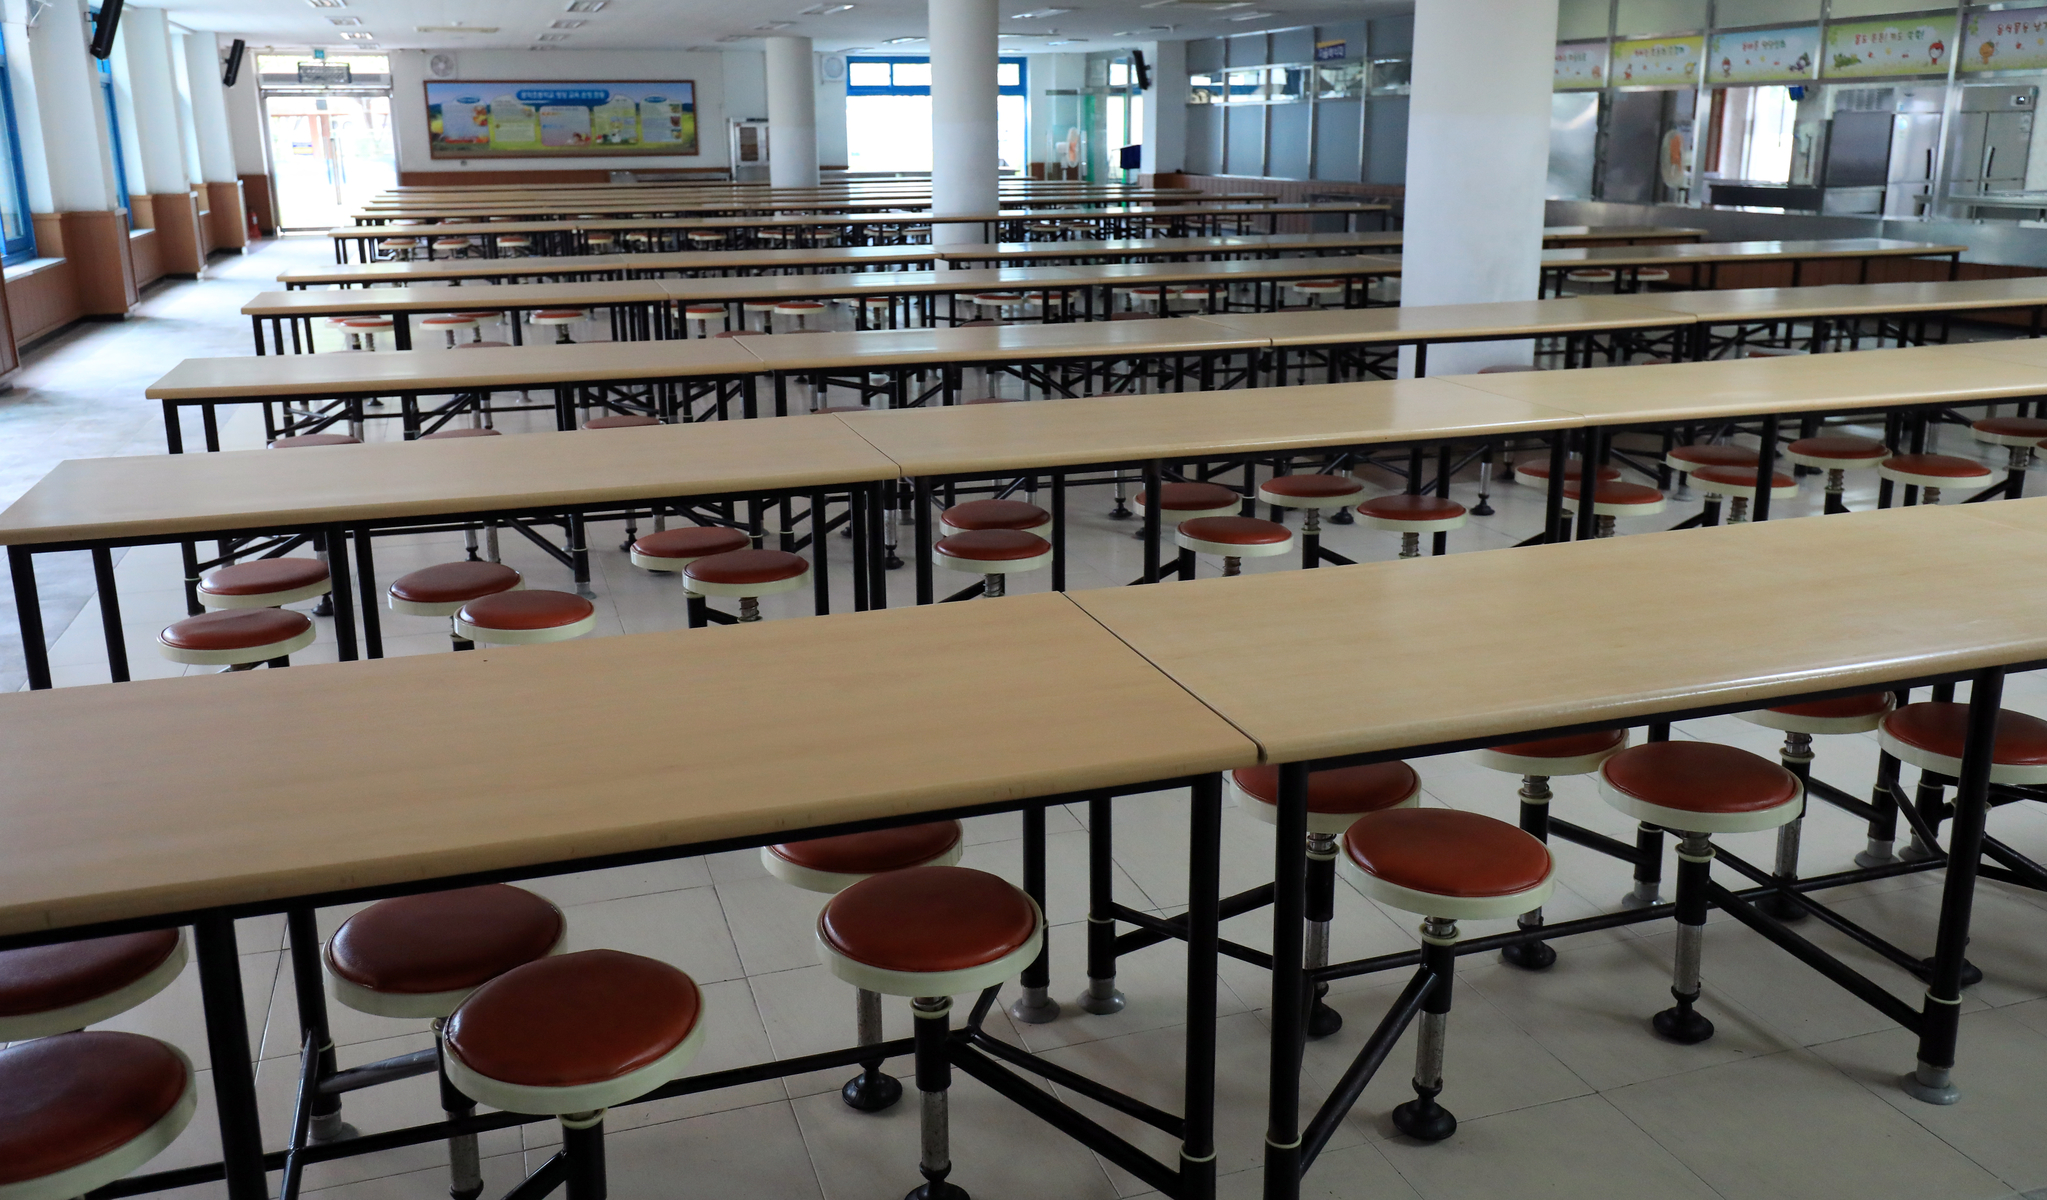 한 학교의 급식실이 운영을 중단해 텅 비어 있다. (※이 사진은 기사 내용과 직접적인 관련이 없습니다)[뉴스1]